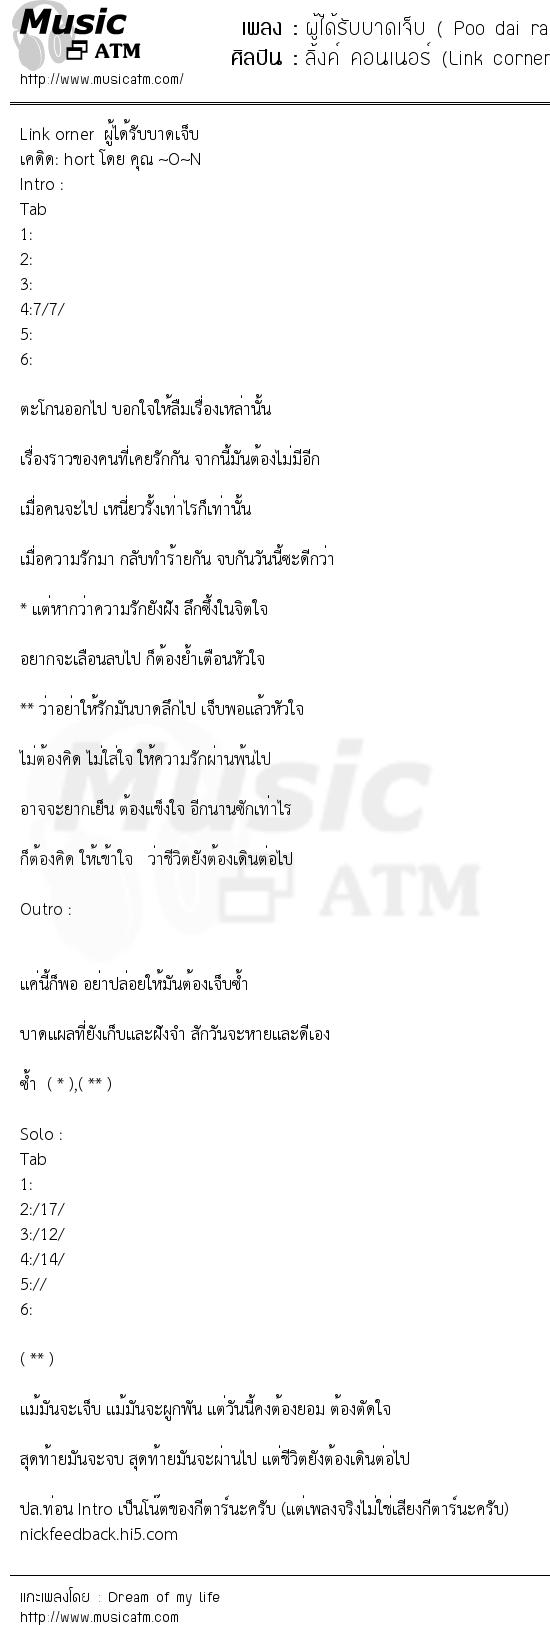 เนื้อเพลง ผู้ได้รับบาดเจ็บ ( Poo dai rab bat jeb ) - ลิ้งค์ คอนเนอร์ (Link corner) | เพลงไทย